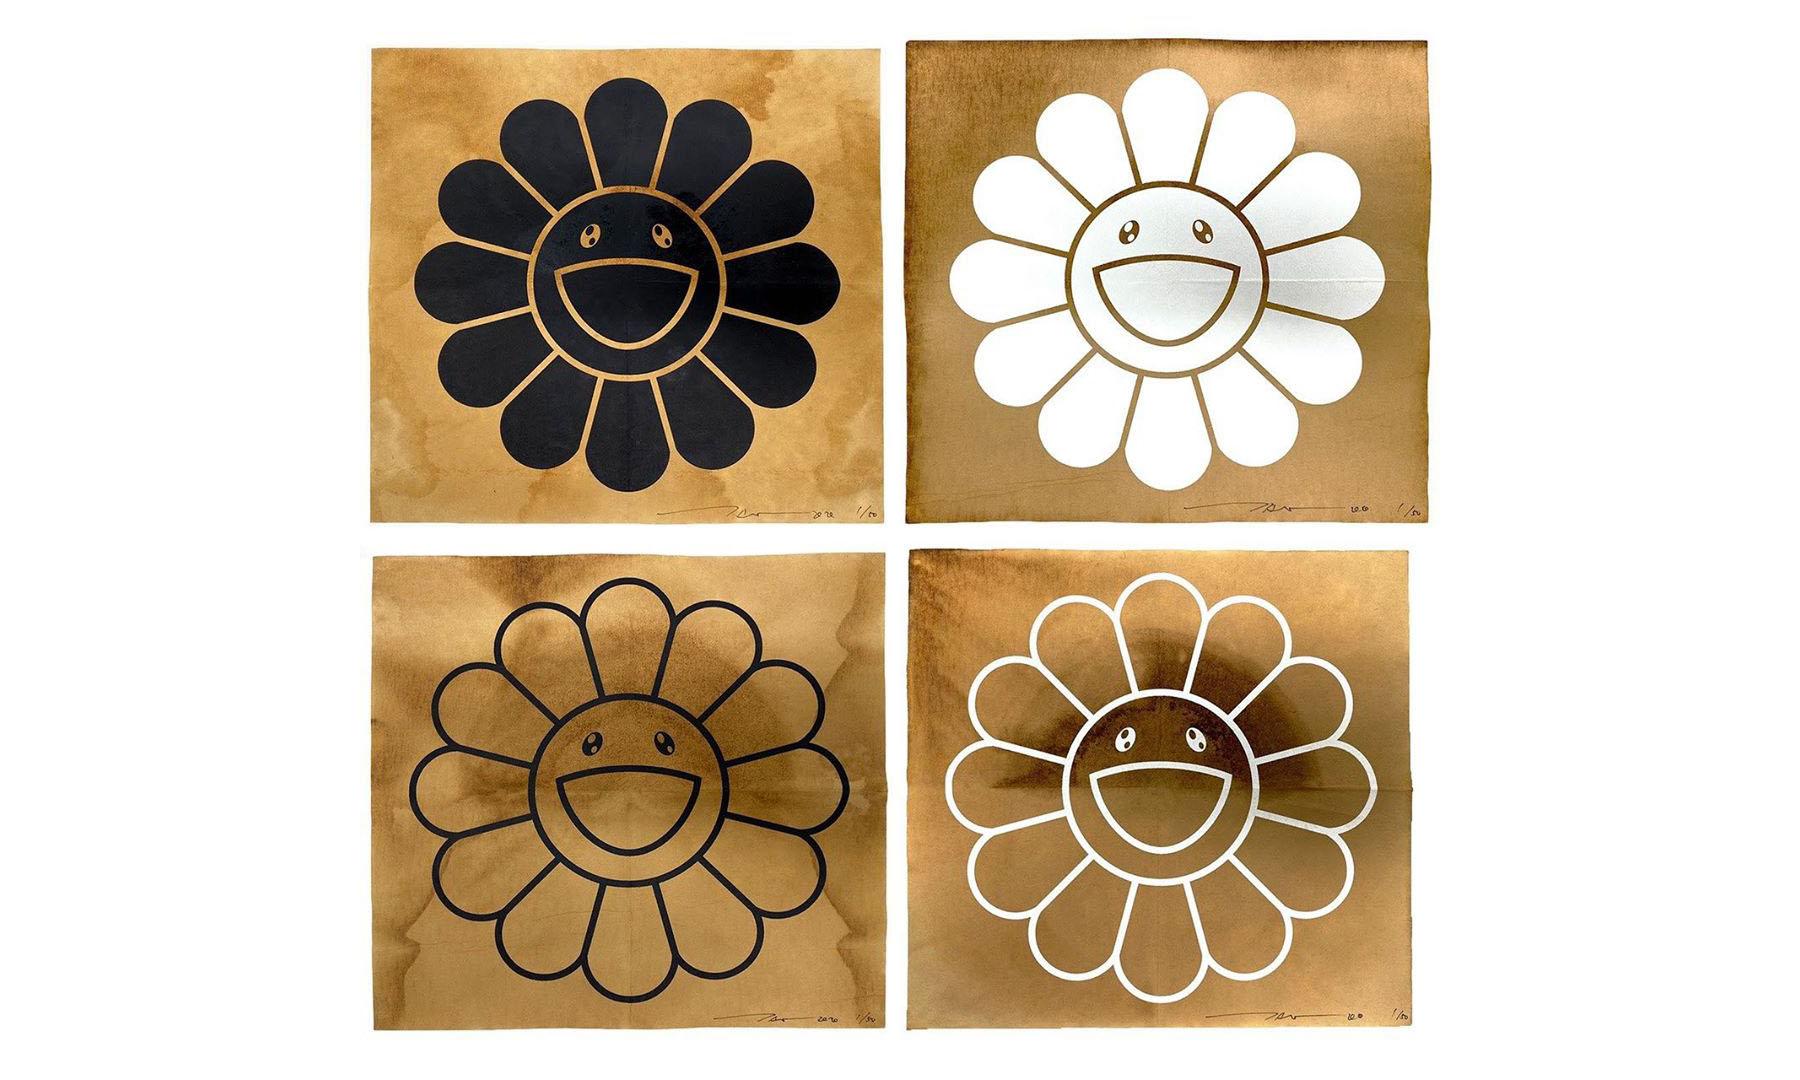 村上隆即将发售一系列以咖啡滤纸为素材制作的作品